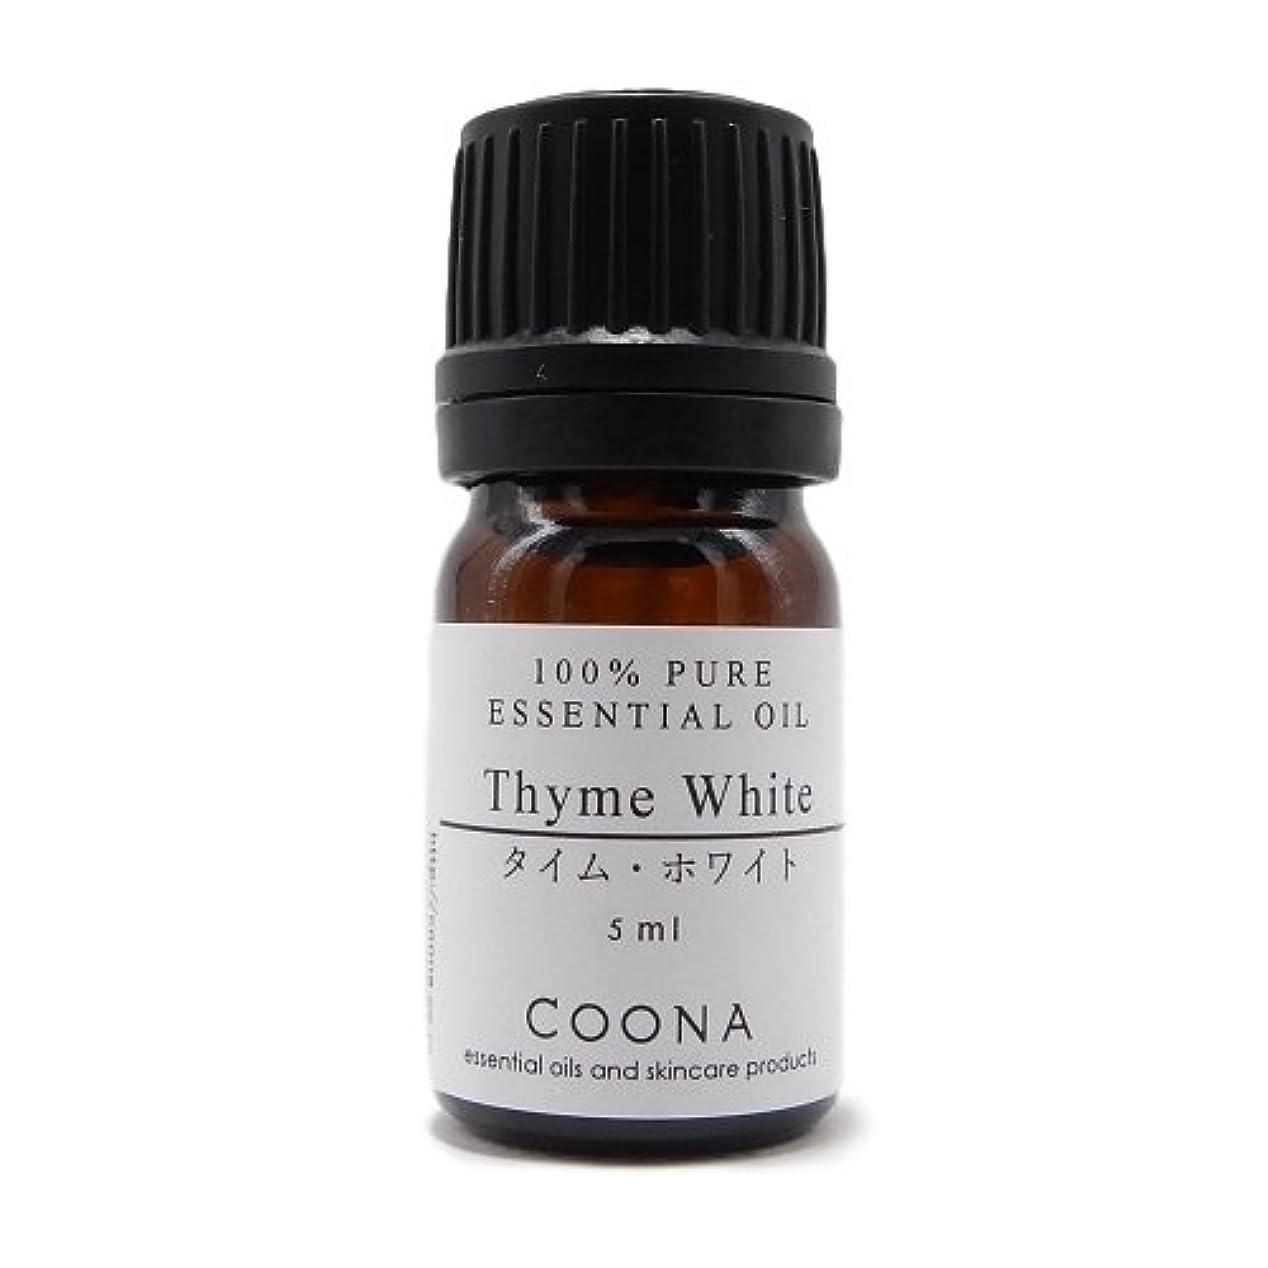 対応するウェイトレスファックスタイム ホワイト 5 ml (COONA エッセンシャルオイル アロマオイル 100%天然植物精油)